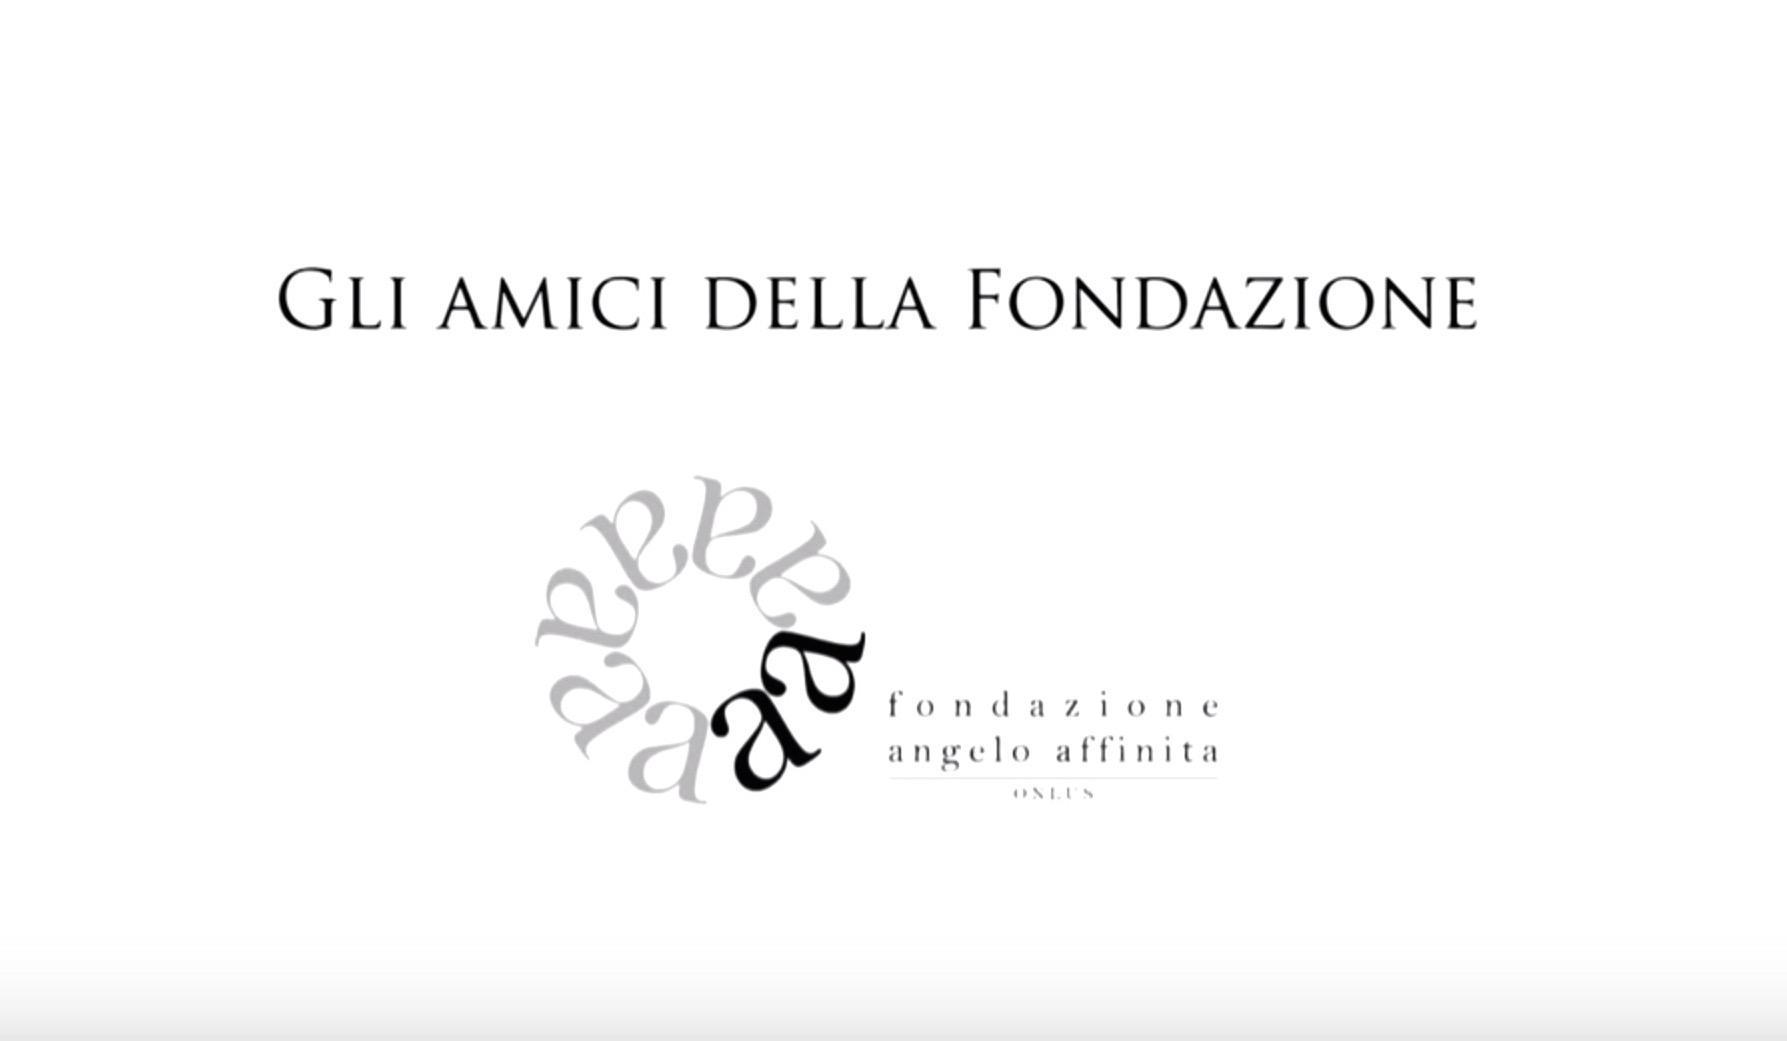 VIDEO - Gli amici della Fondazione Angelo Affinita